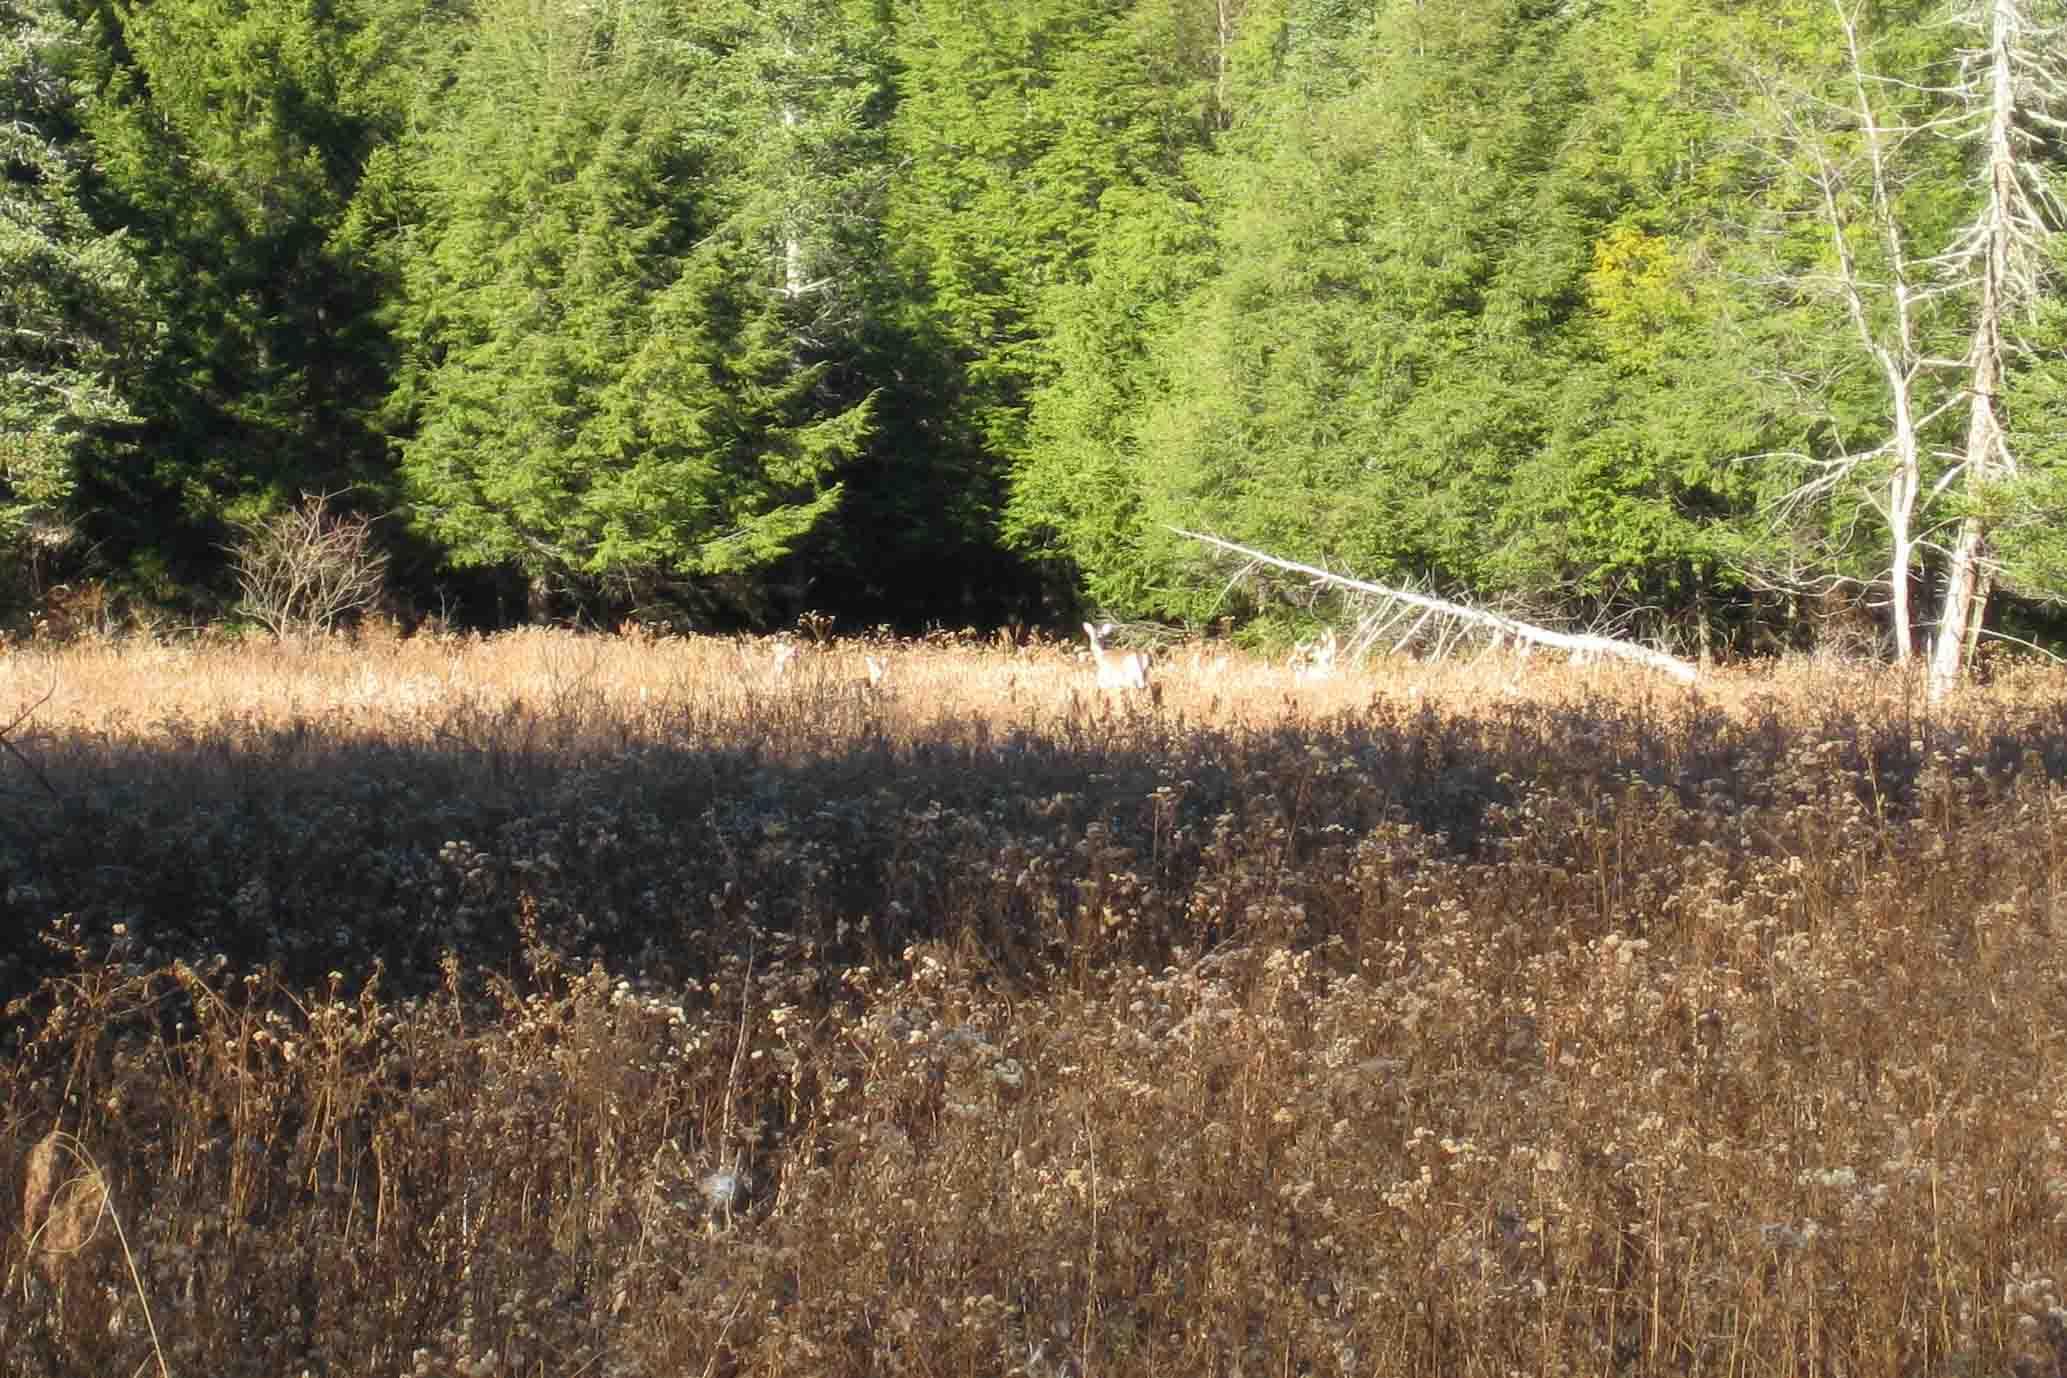 deer in canaan valley resort state park in west virginia